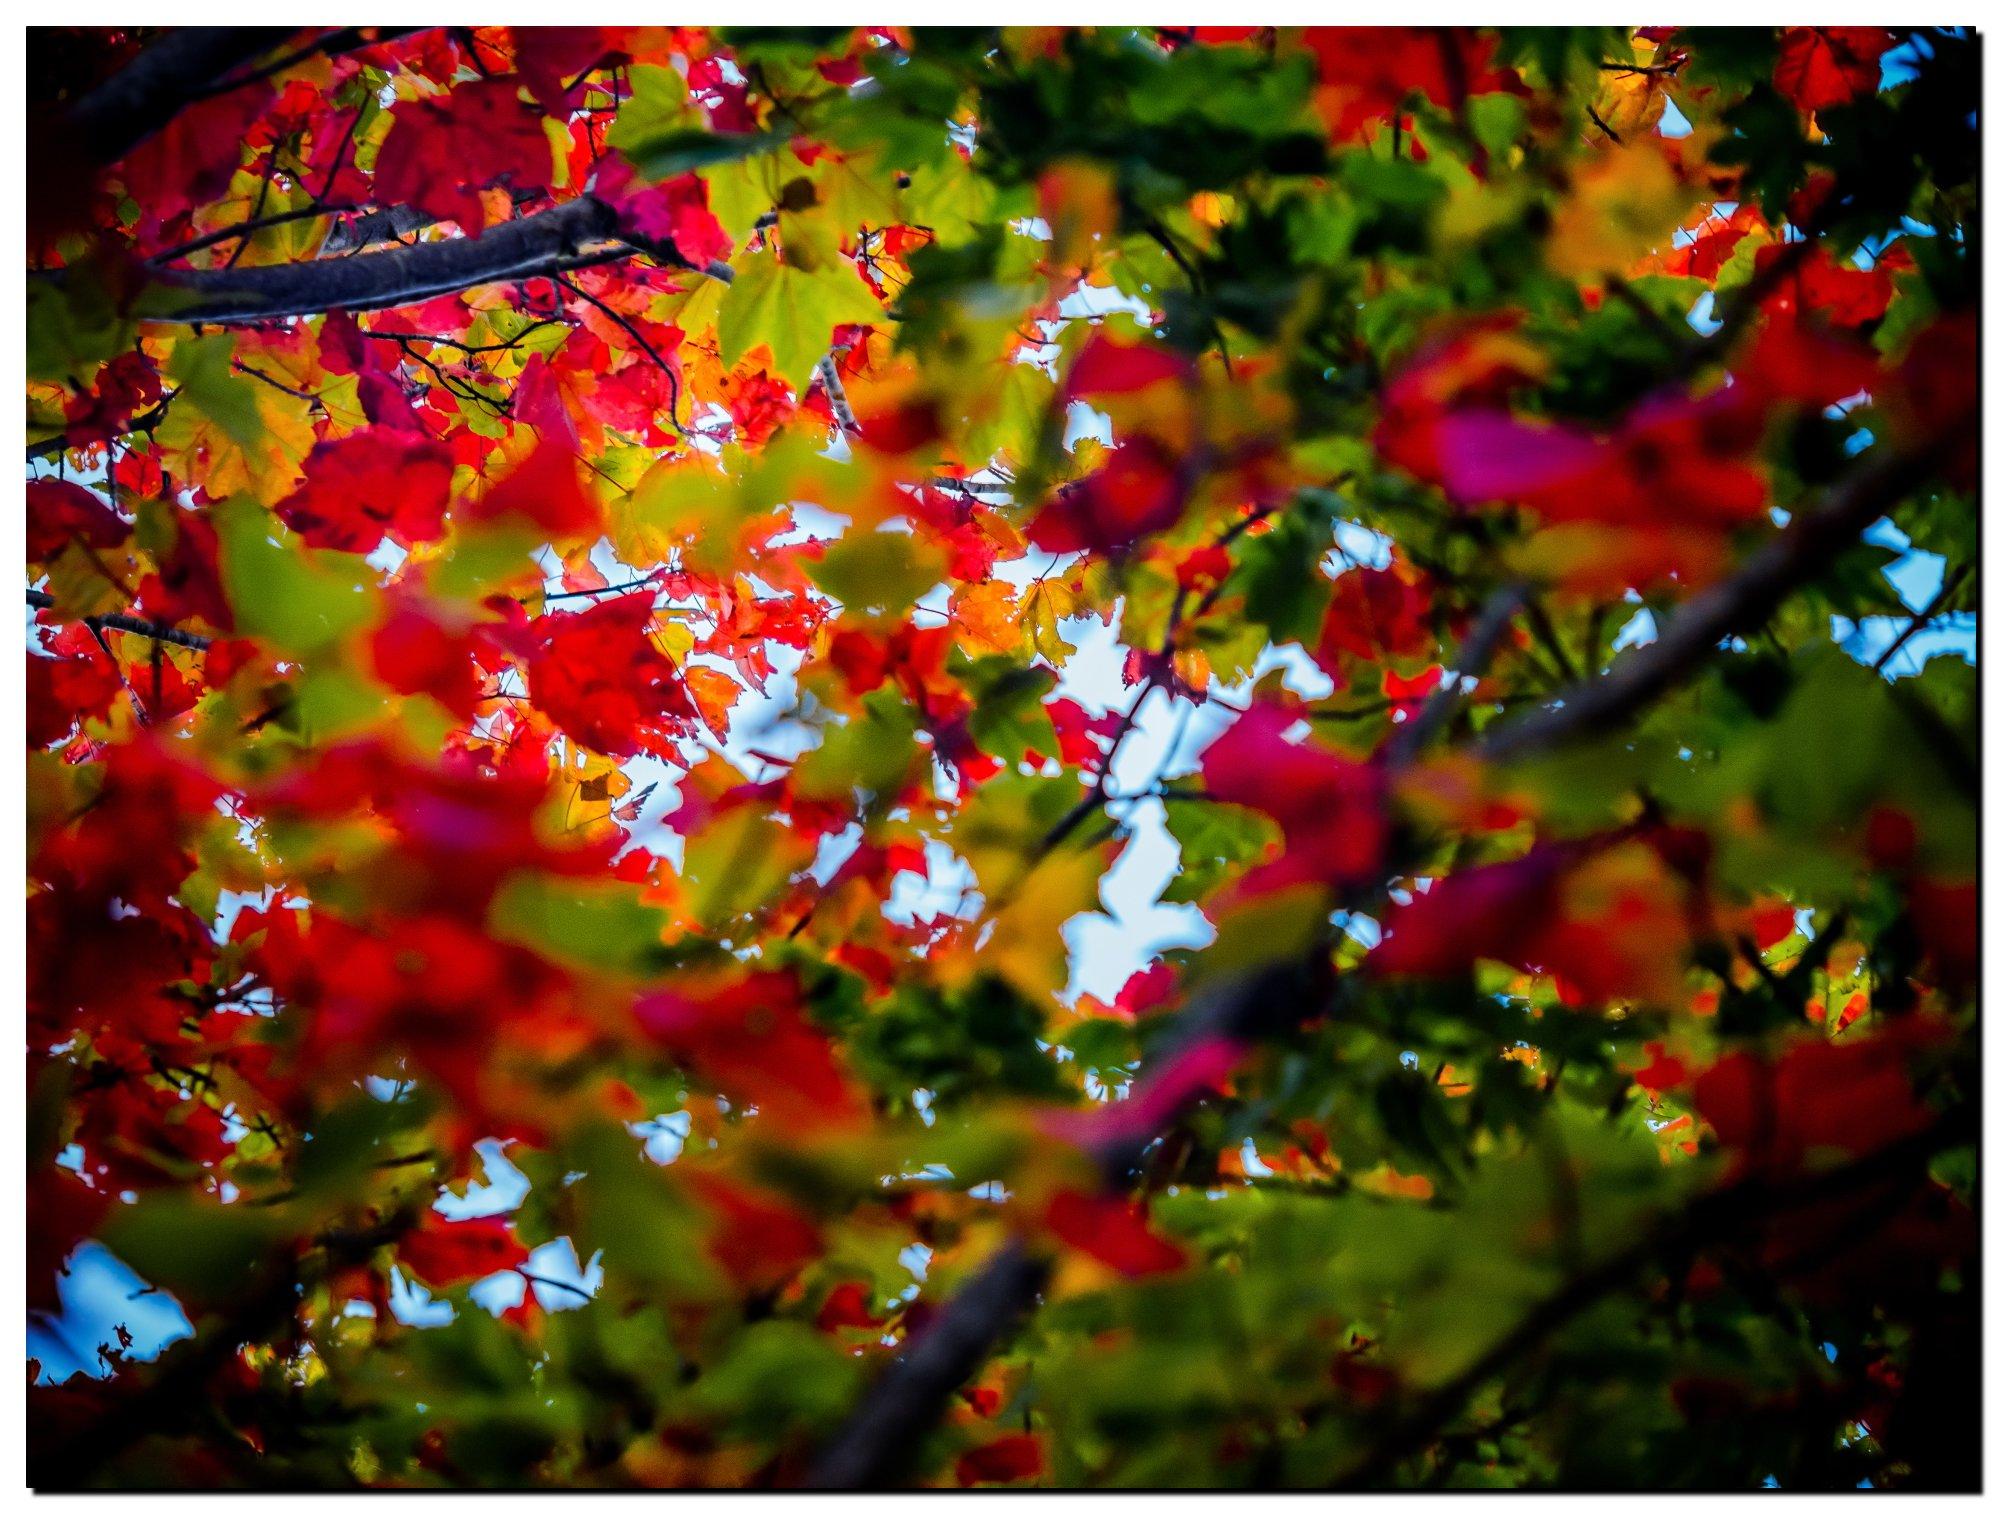 02LR-PF098057-Edit-1OV.jpg